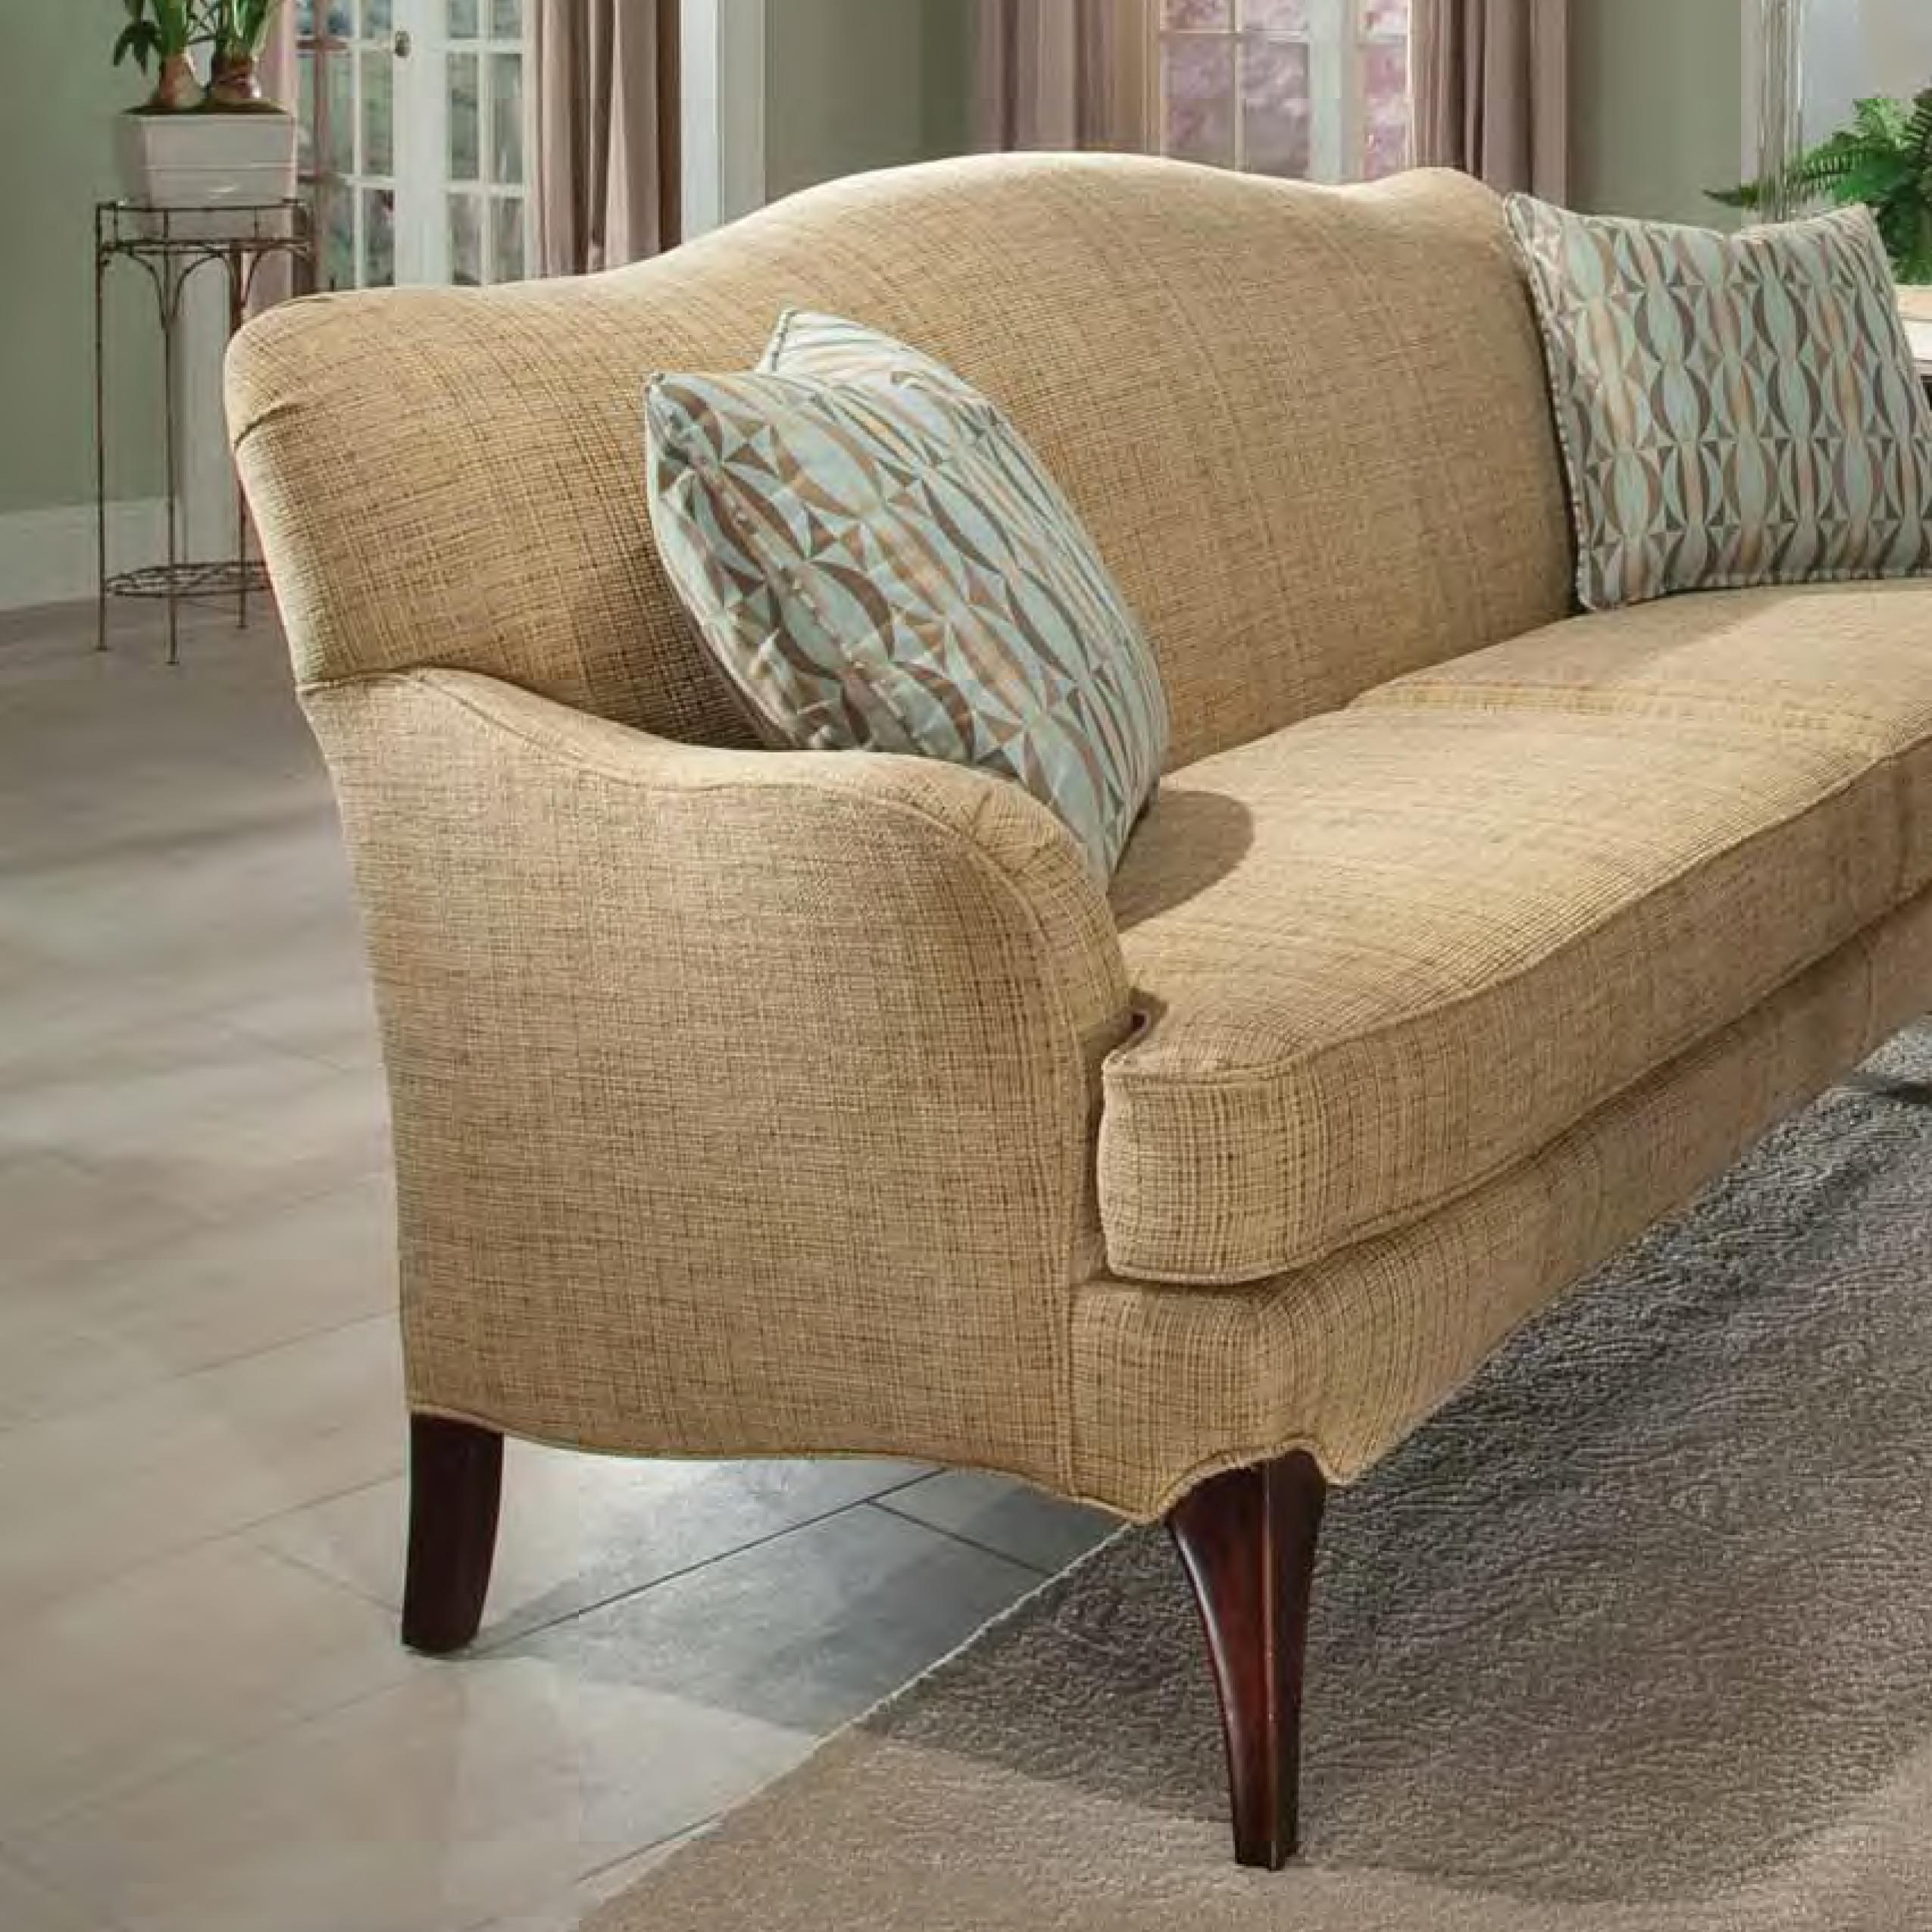 ... Senior Living Sofa, Assisted Living Sofa, Memory Support Sofa ...